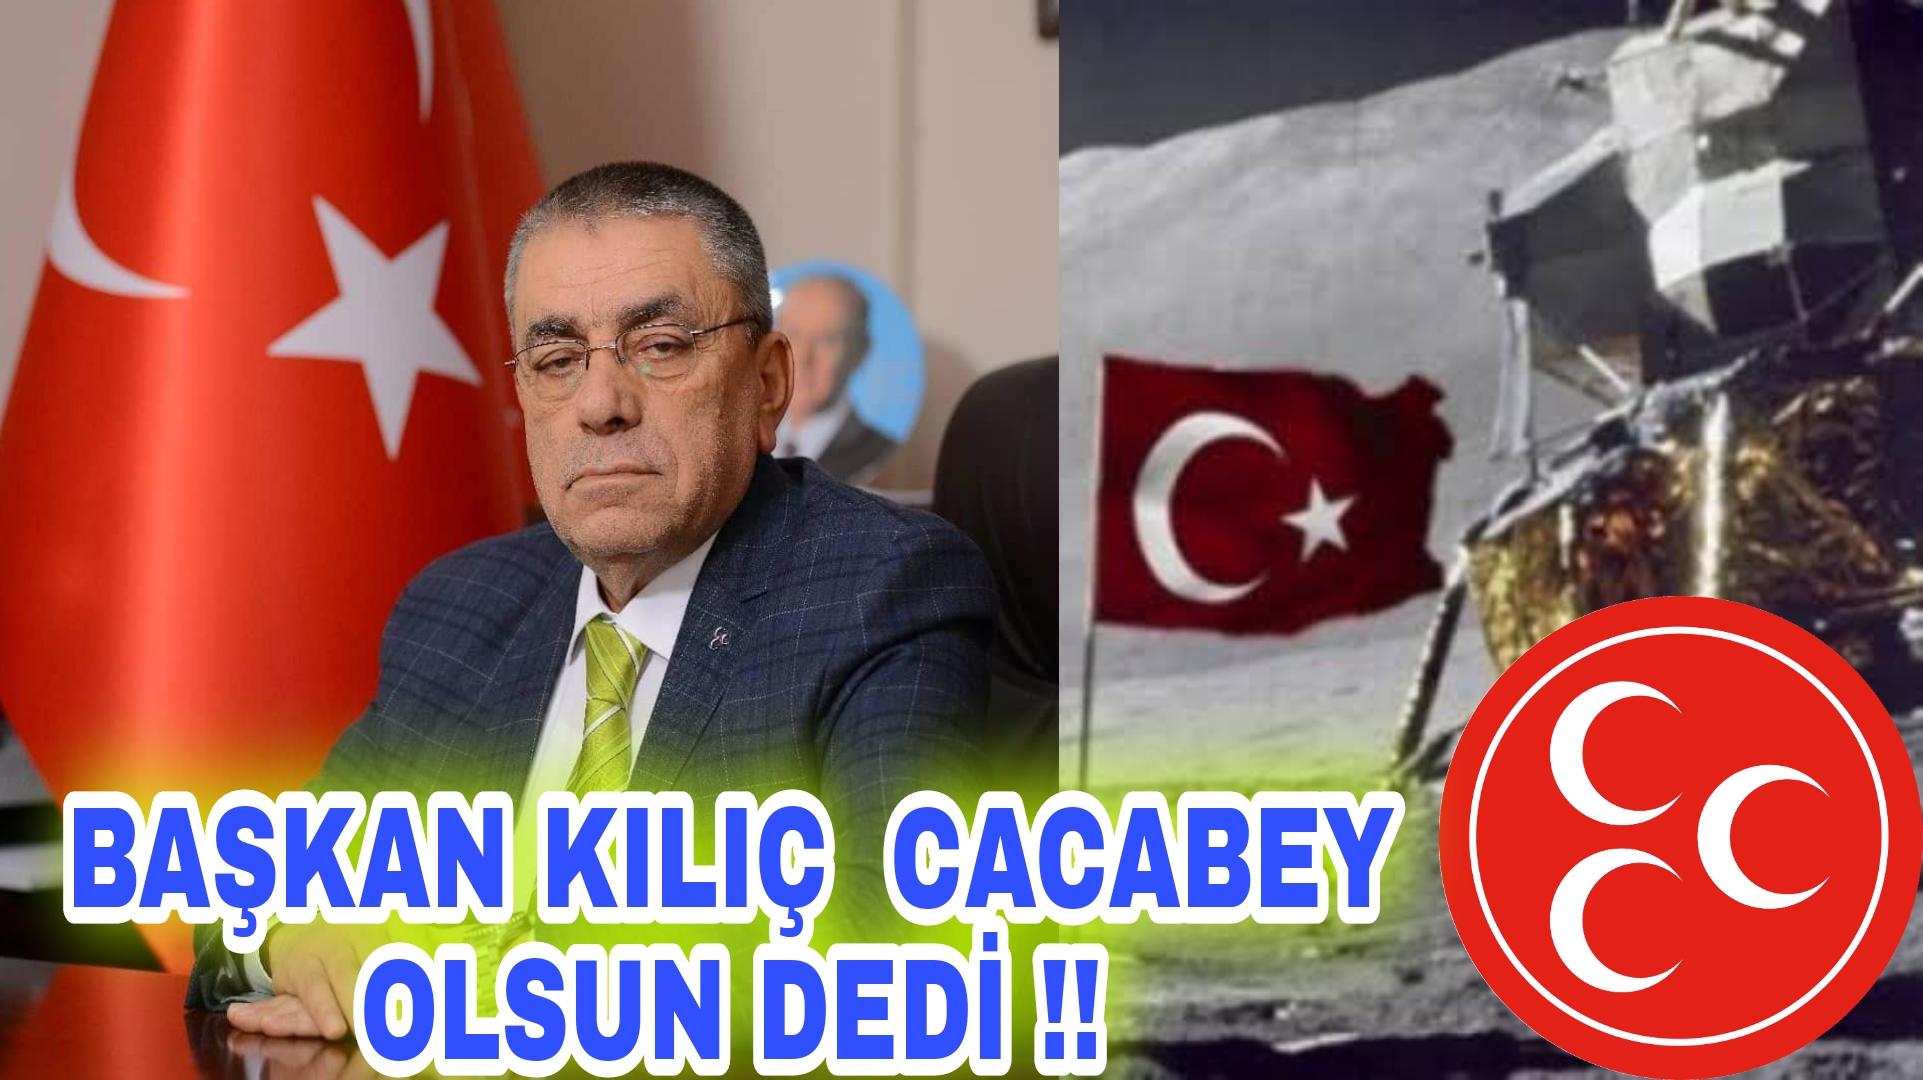 """KIRŞEHİR İÇİN """"CACABEY"""" OLSUN DEDİ !!"""